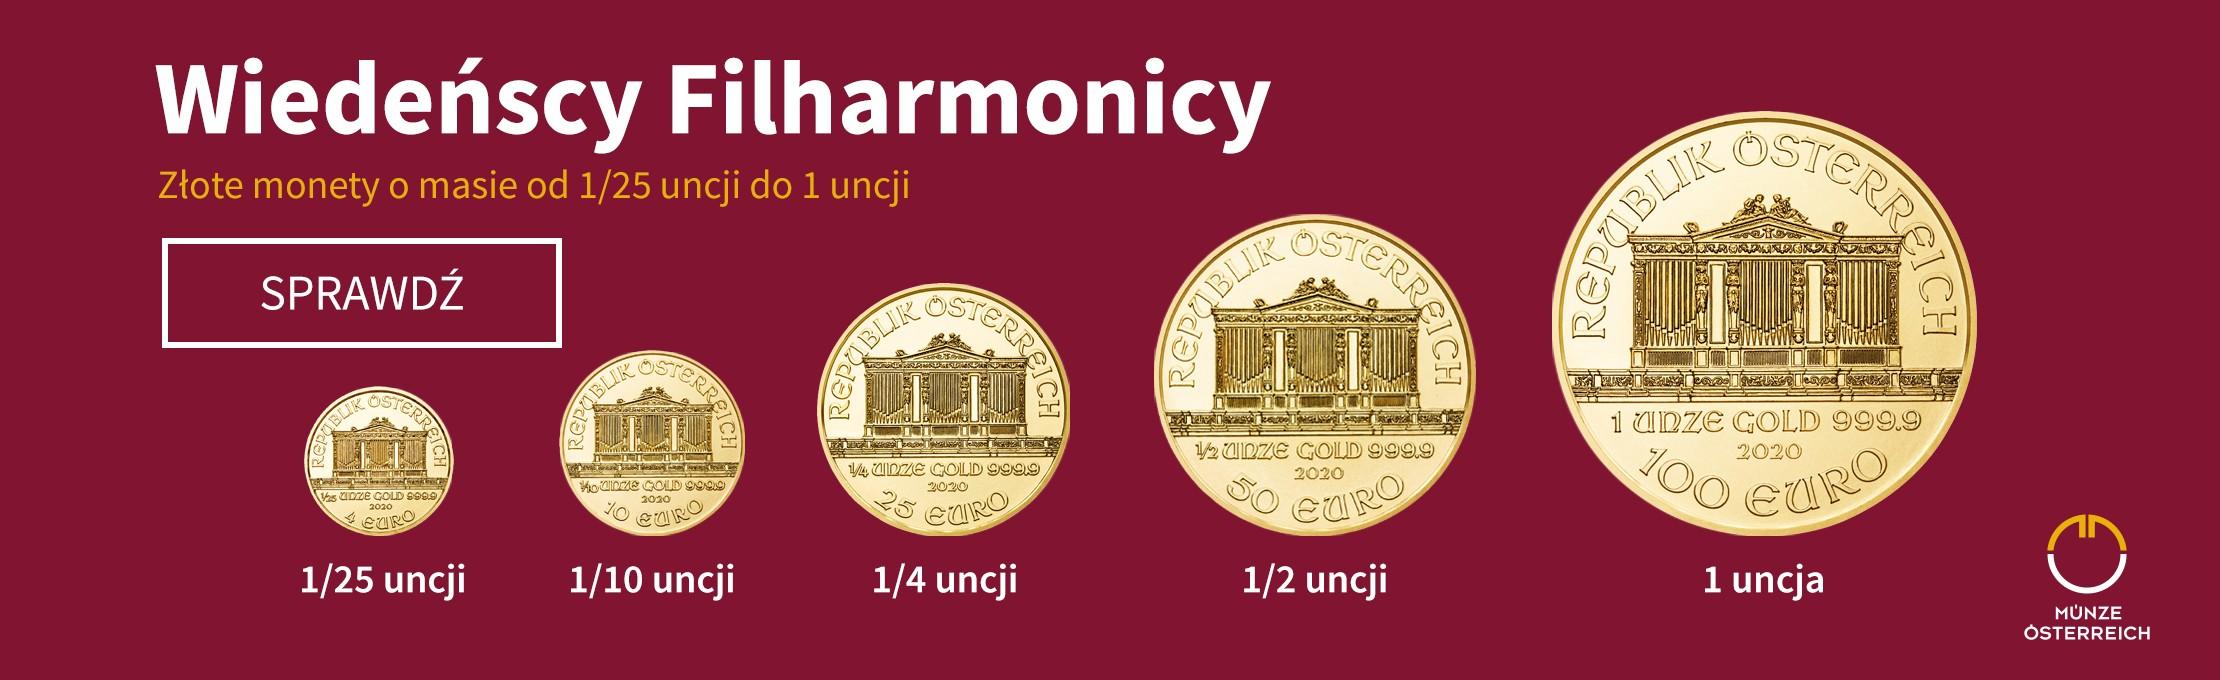 Złote monety o masie od 1/25 oz do 1 oz